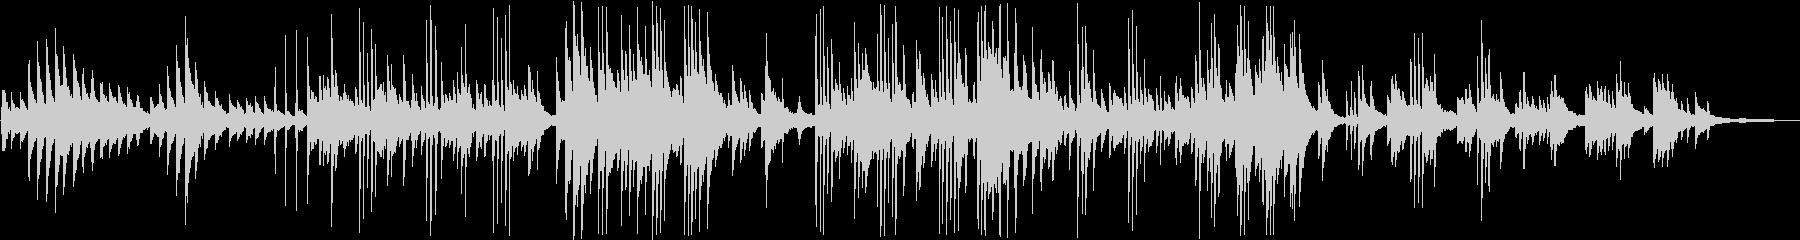 しっとりとした大人のピアノバラードの未再生の波形